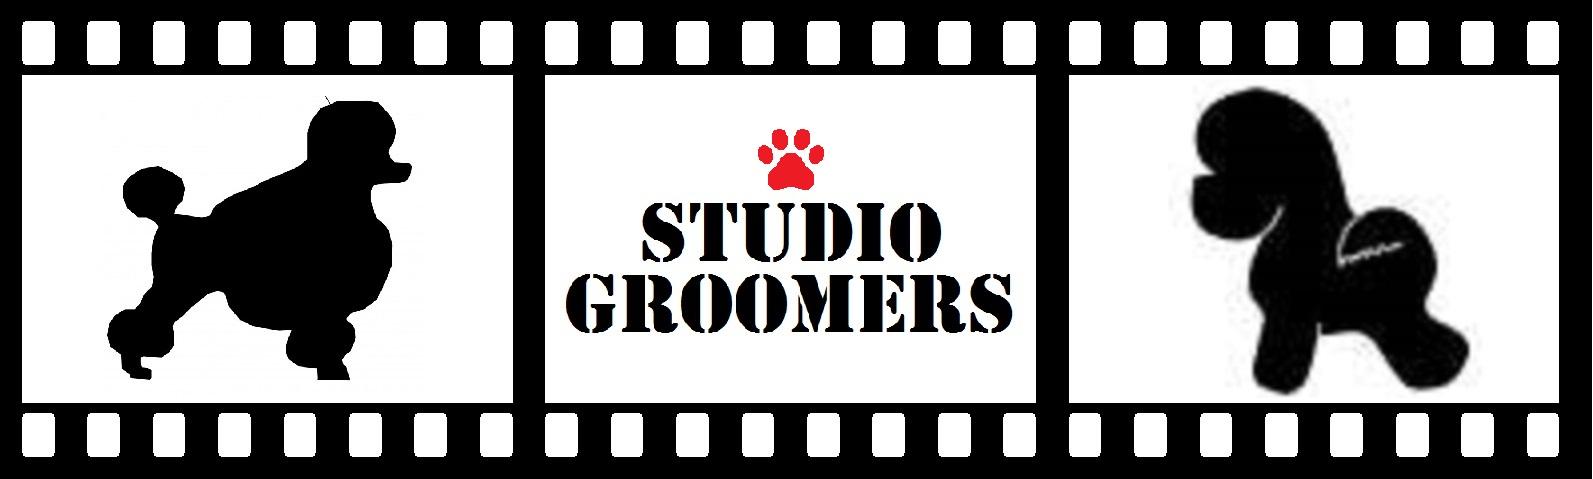 Studio Groomers